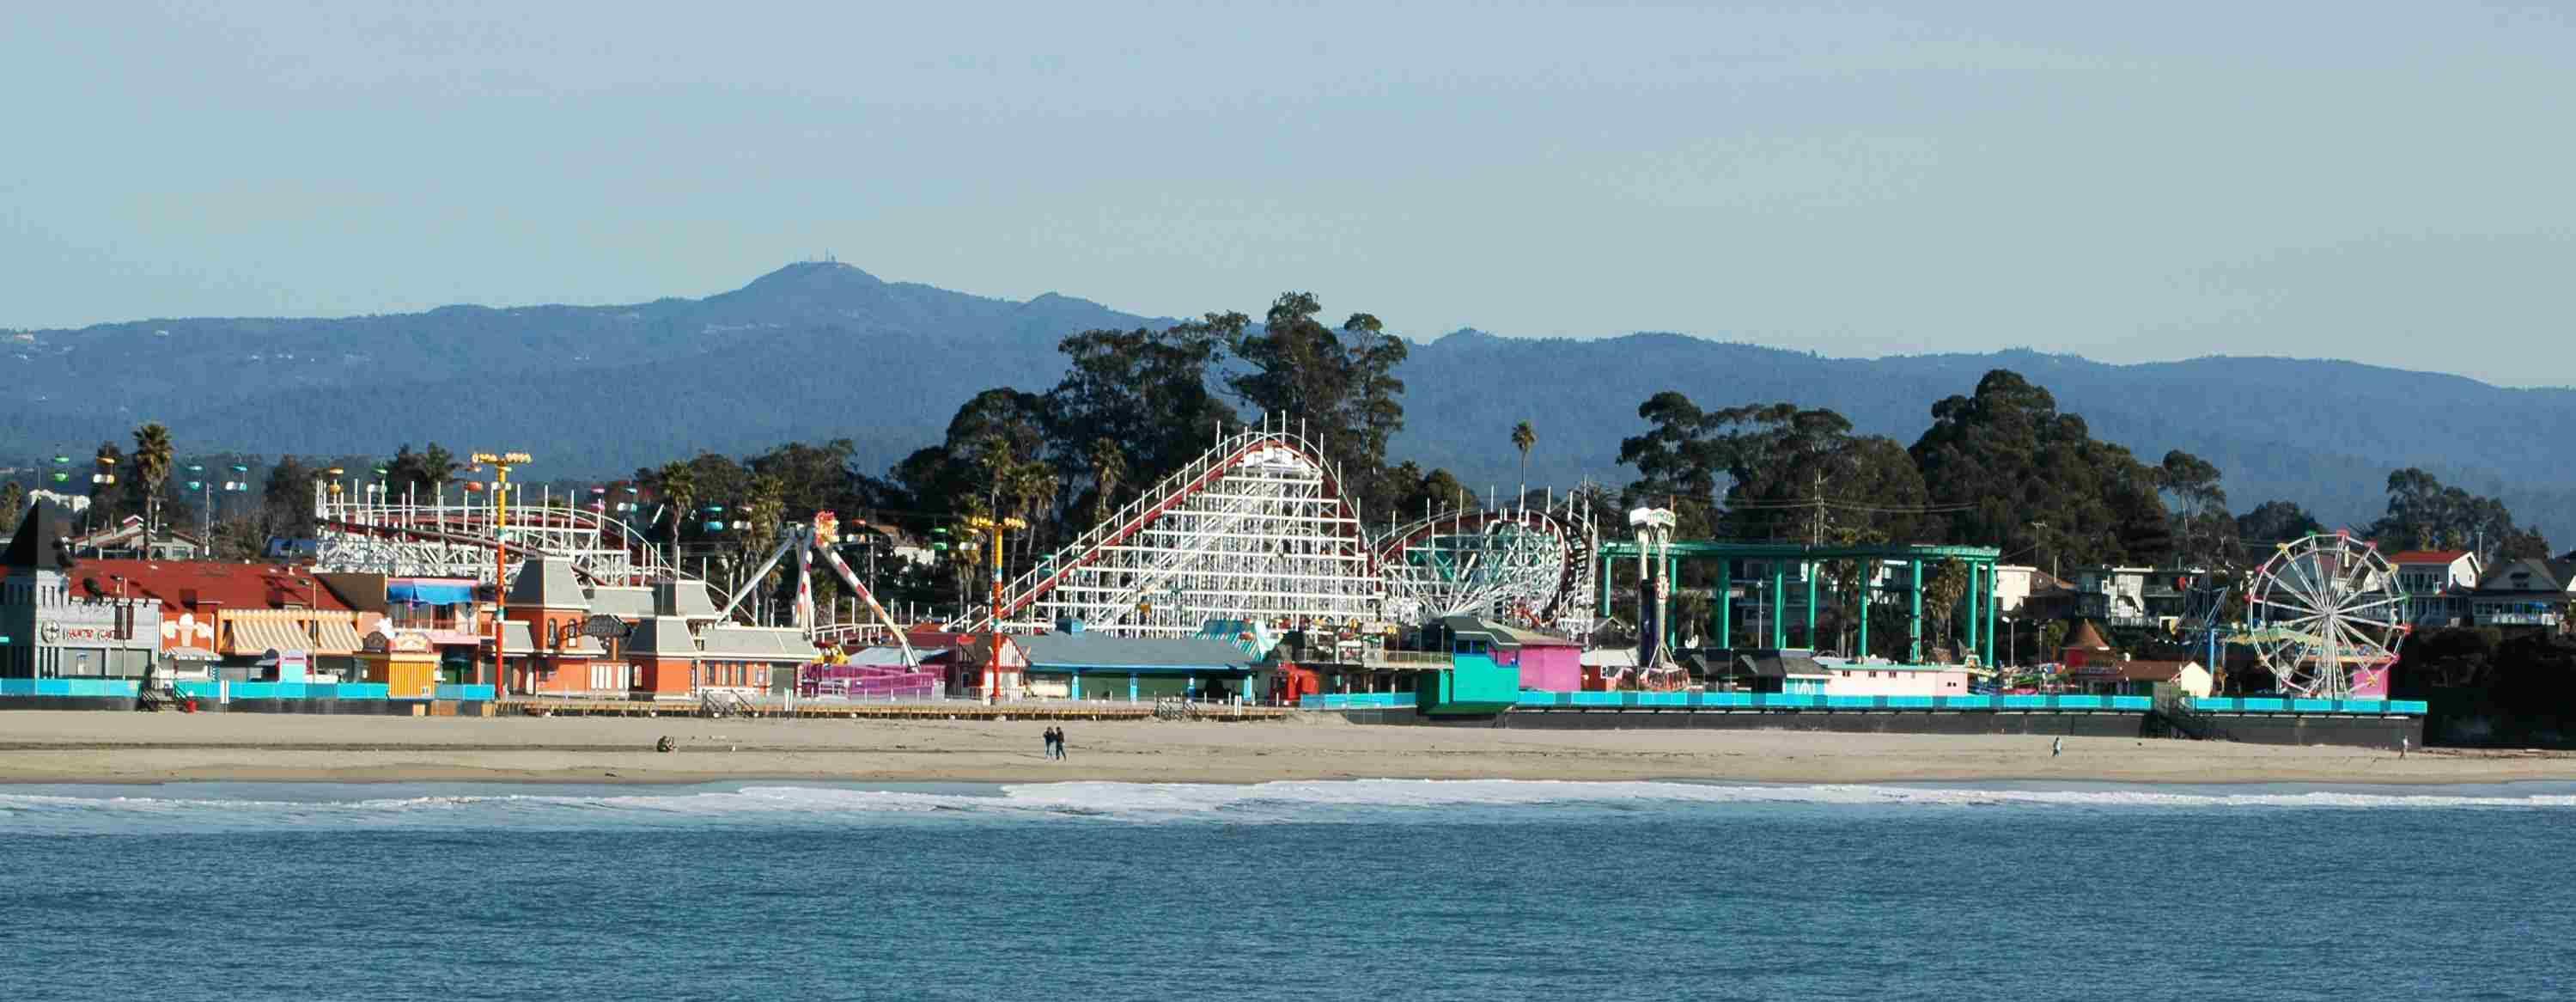 Paseo marítimo de la playa de Santa Cruz, parque de atracciones de California